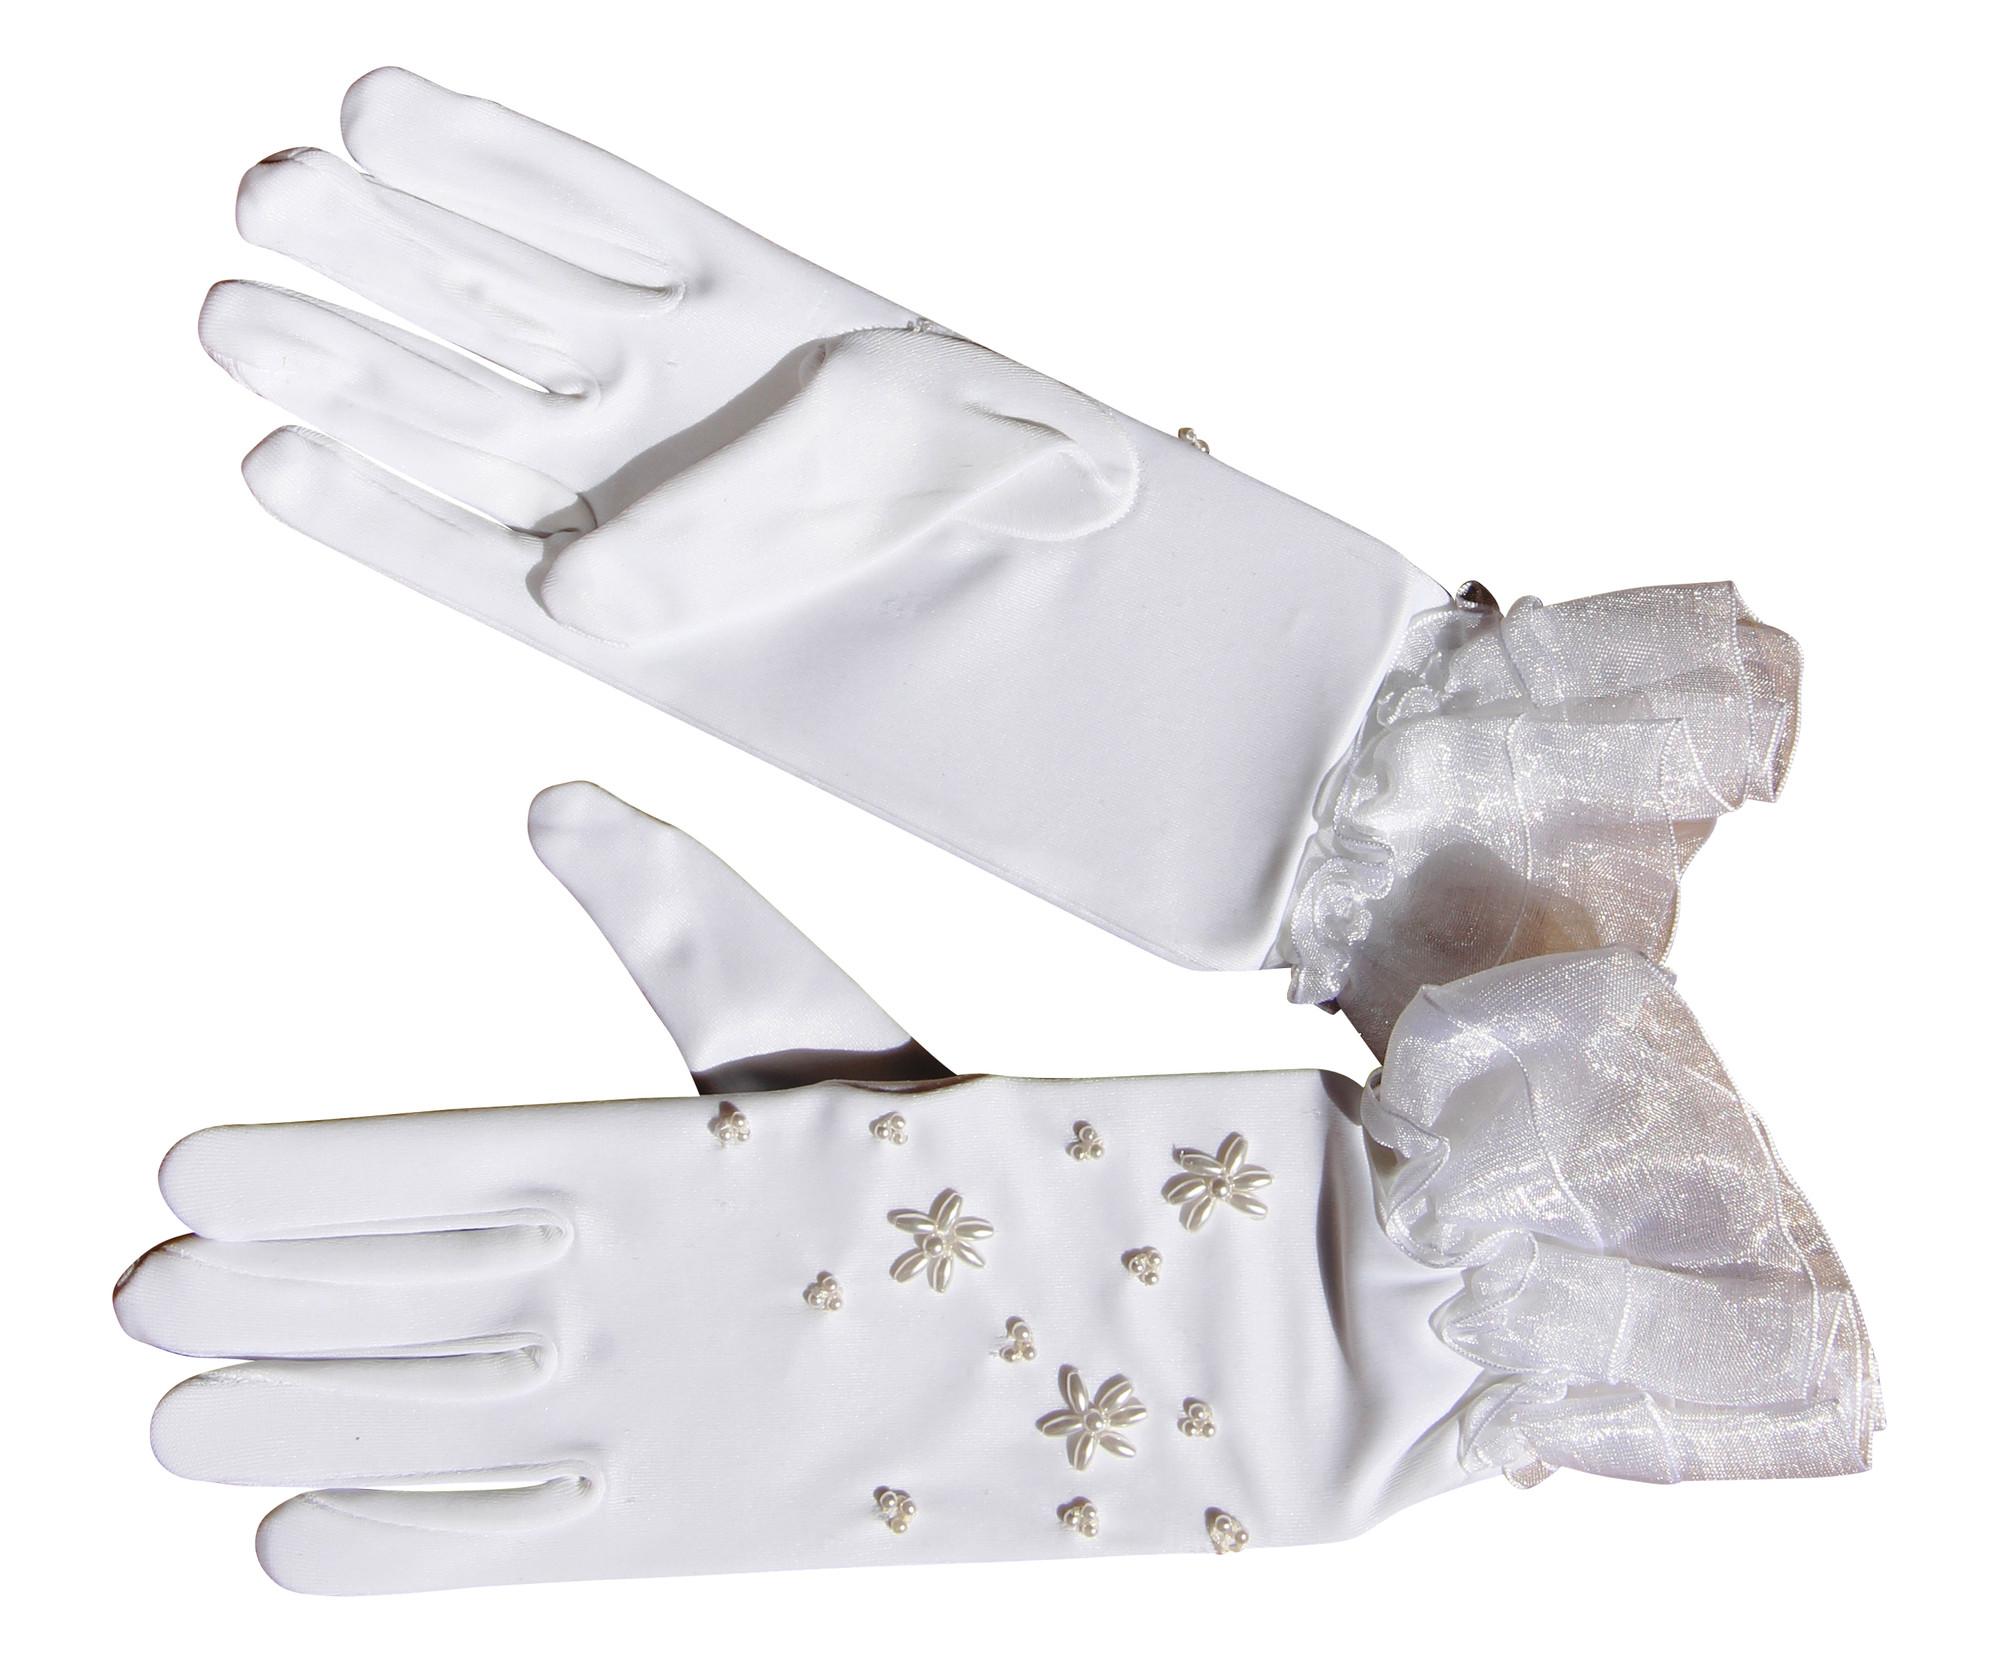 Edle Satinhandschuhe weiß kurz Perlen glänzend elastisch Handschuh Satin Mädchen Hochzeit Taufe Kommunion Blumenkind